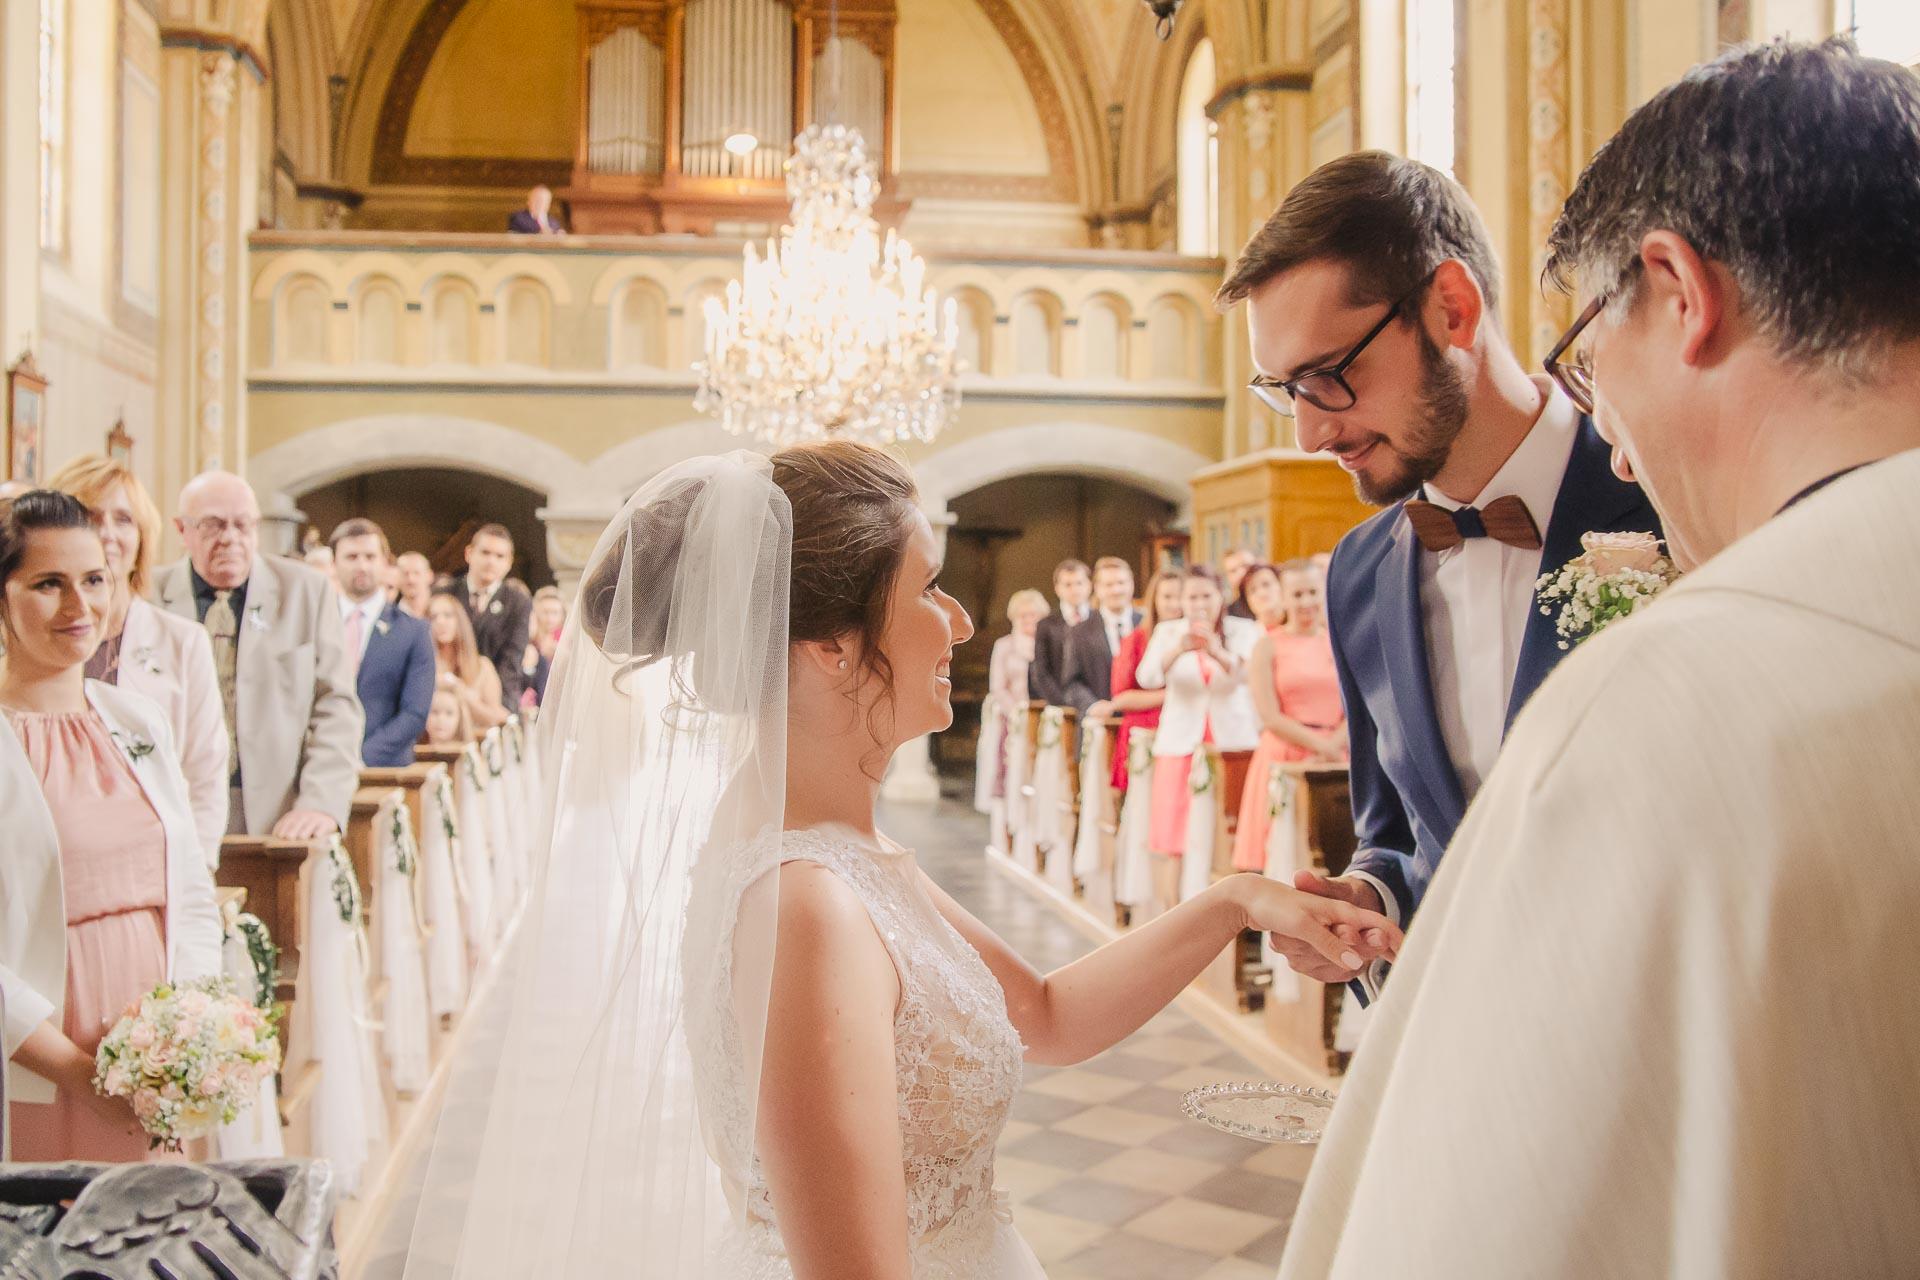 svatební fotograf Praha,svatba střední čechy, církevní obřad, svatba v kostele, nejhezčí svatební fotografie-2375